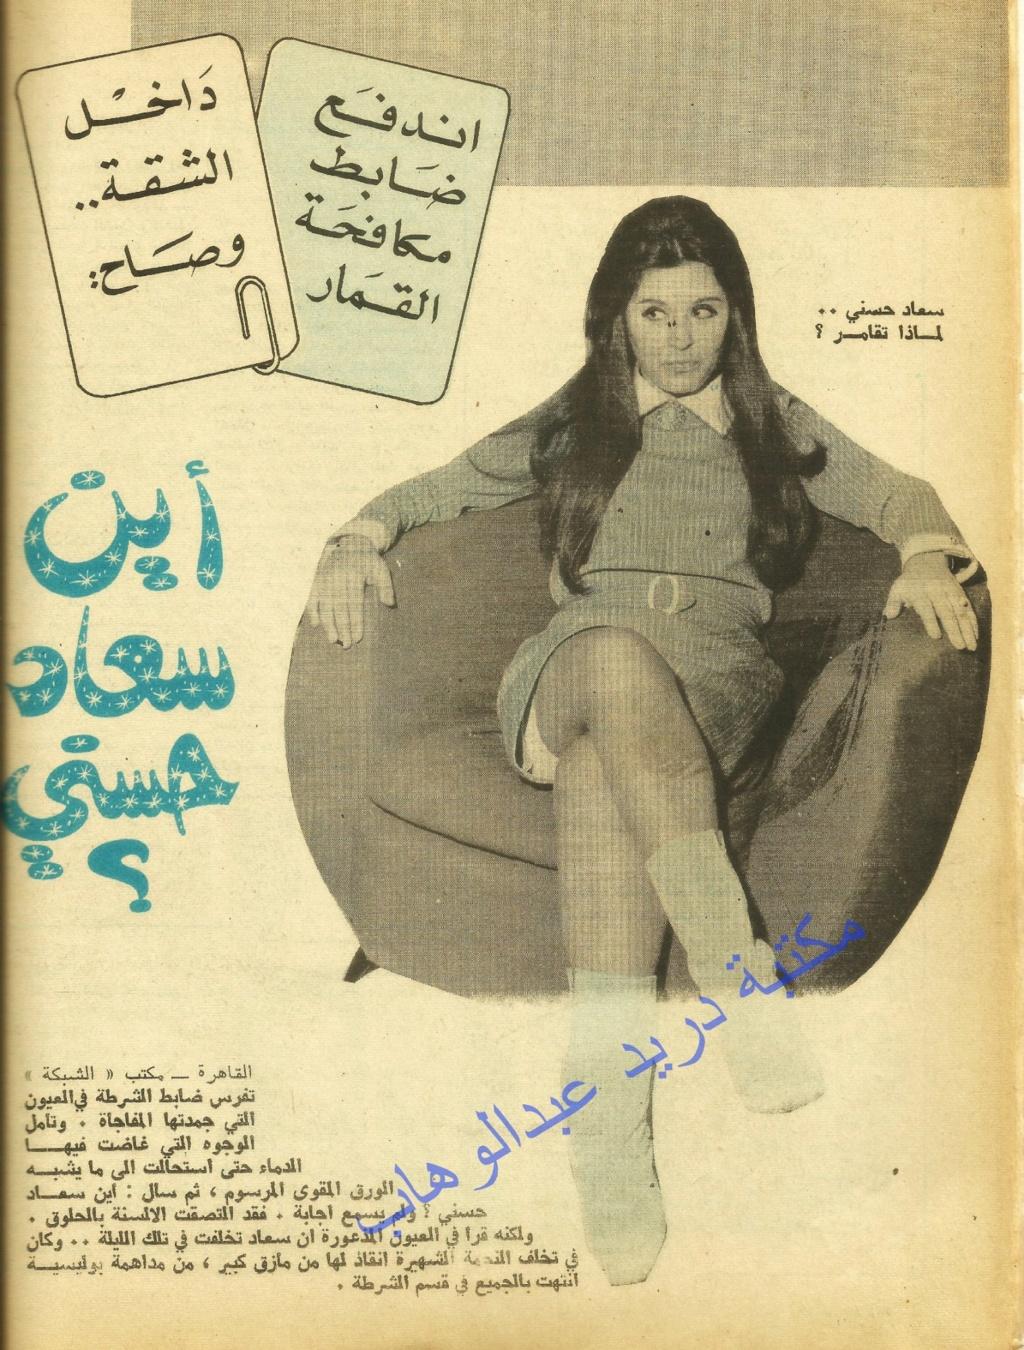 مقال صحفي : اندفع ضابط مكافحة القمار داخل الشقة .. وصاح : أين سعاد حسني ؟ 1969 م 1186